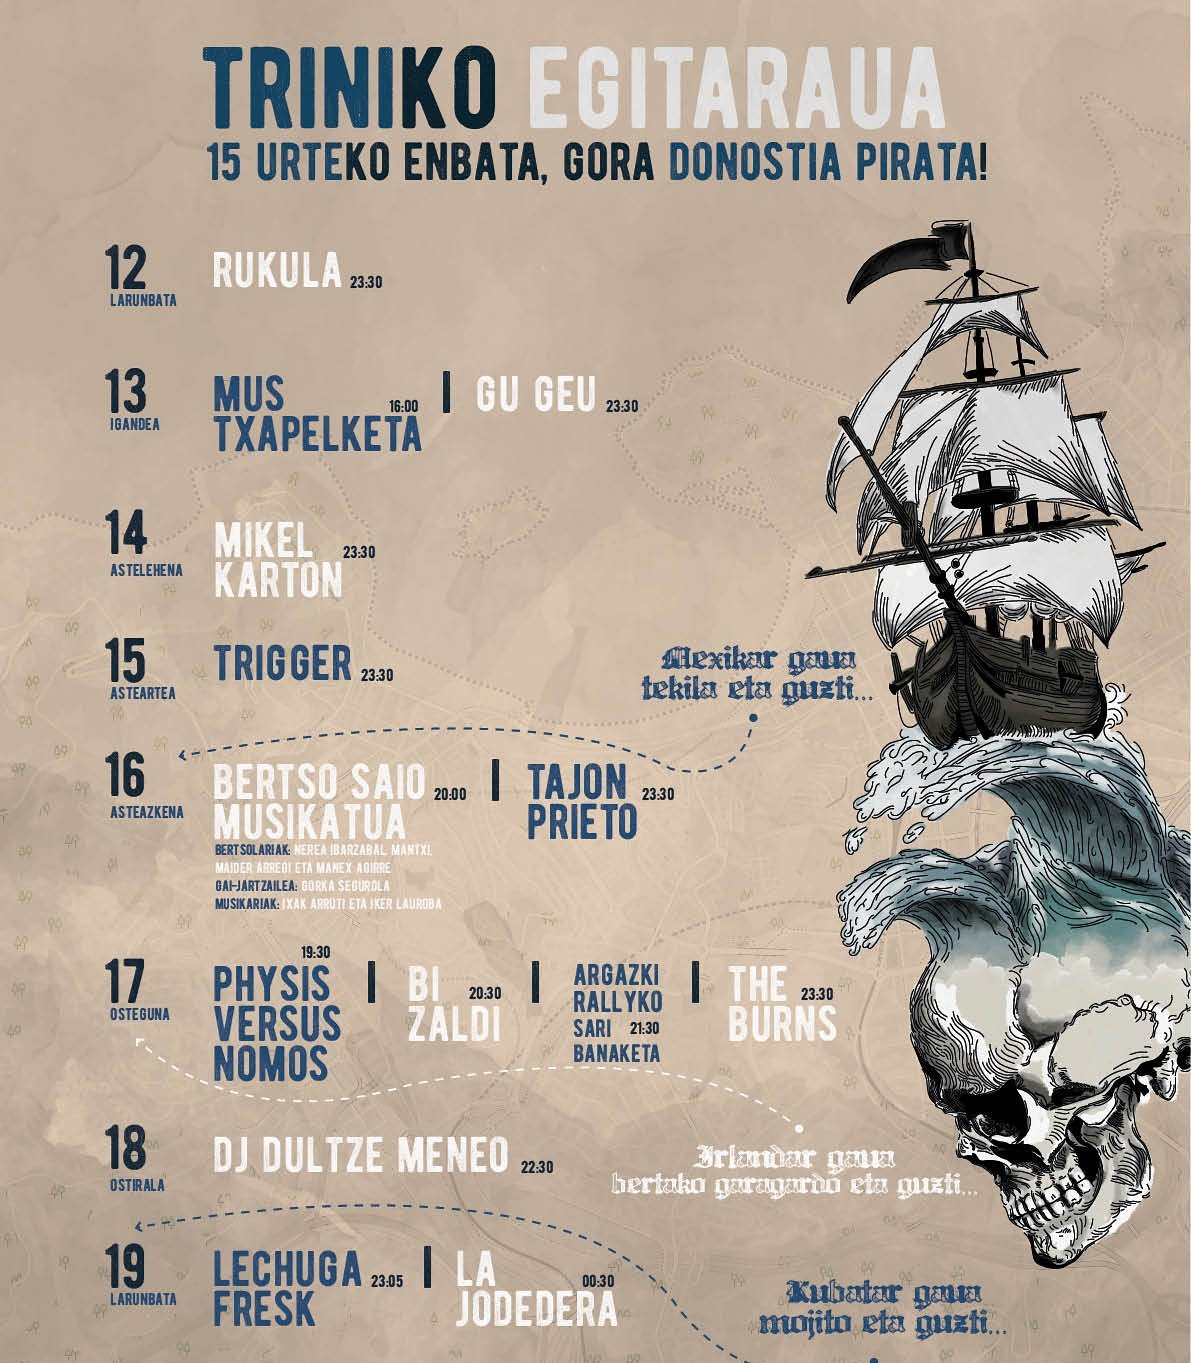 Donostiako Piratak 2017 Triniko Egitaraua